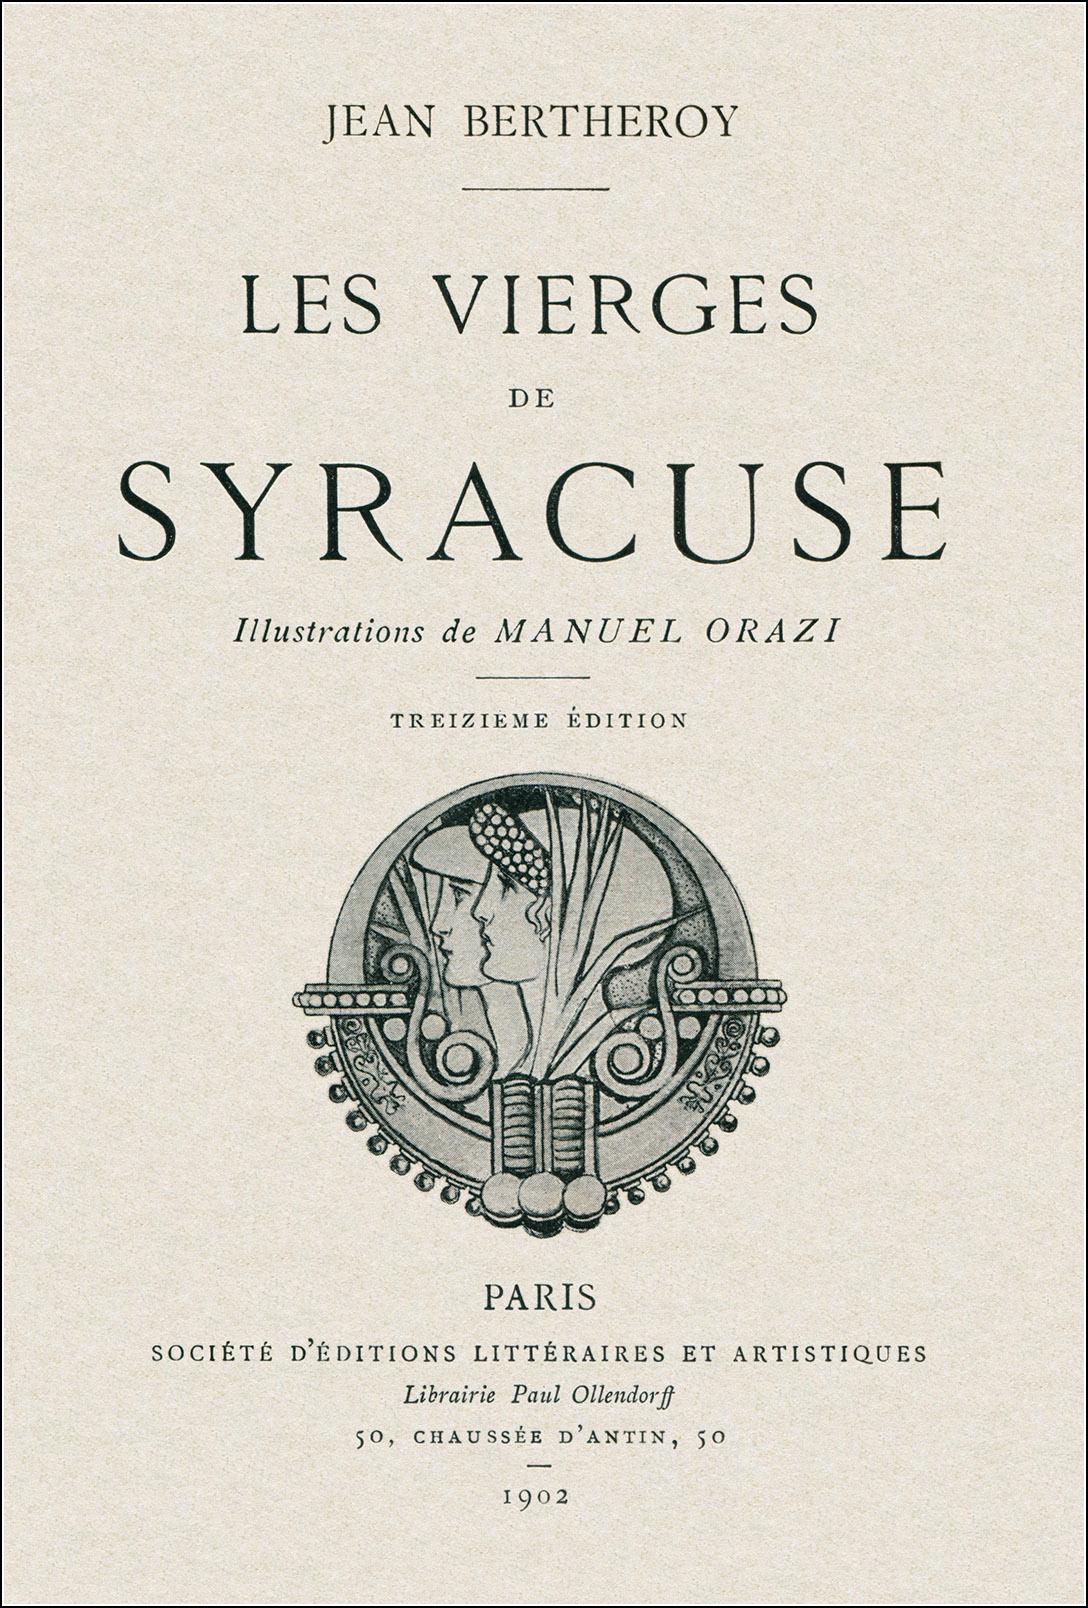 Manuel Orazi, Les vierges de Syracuse